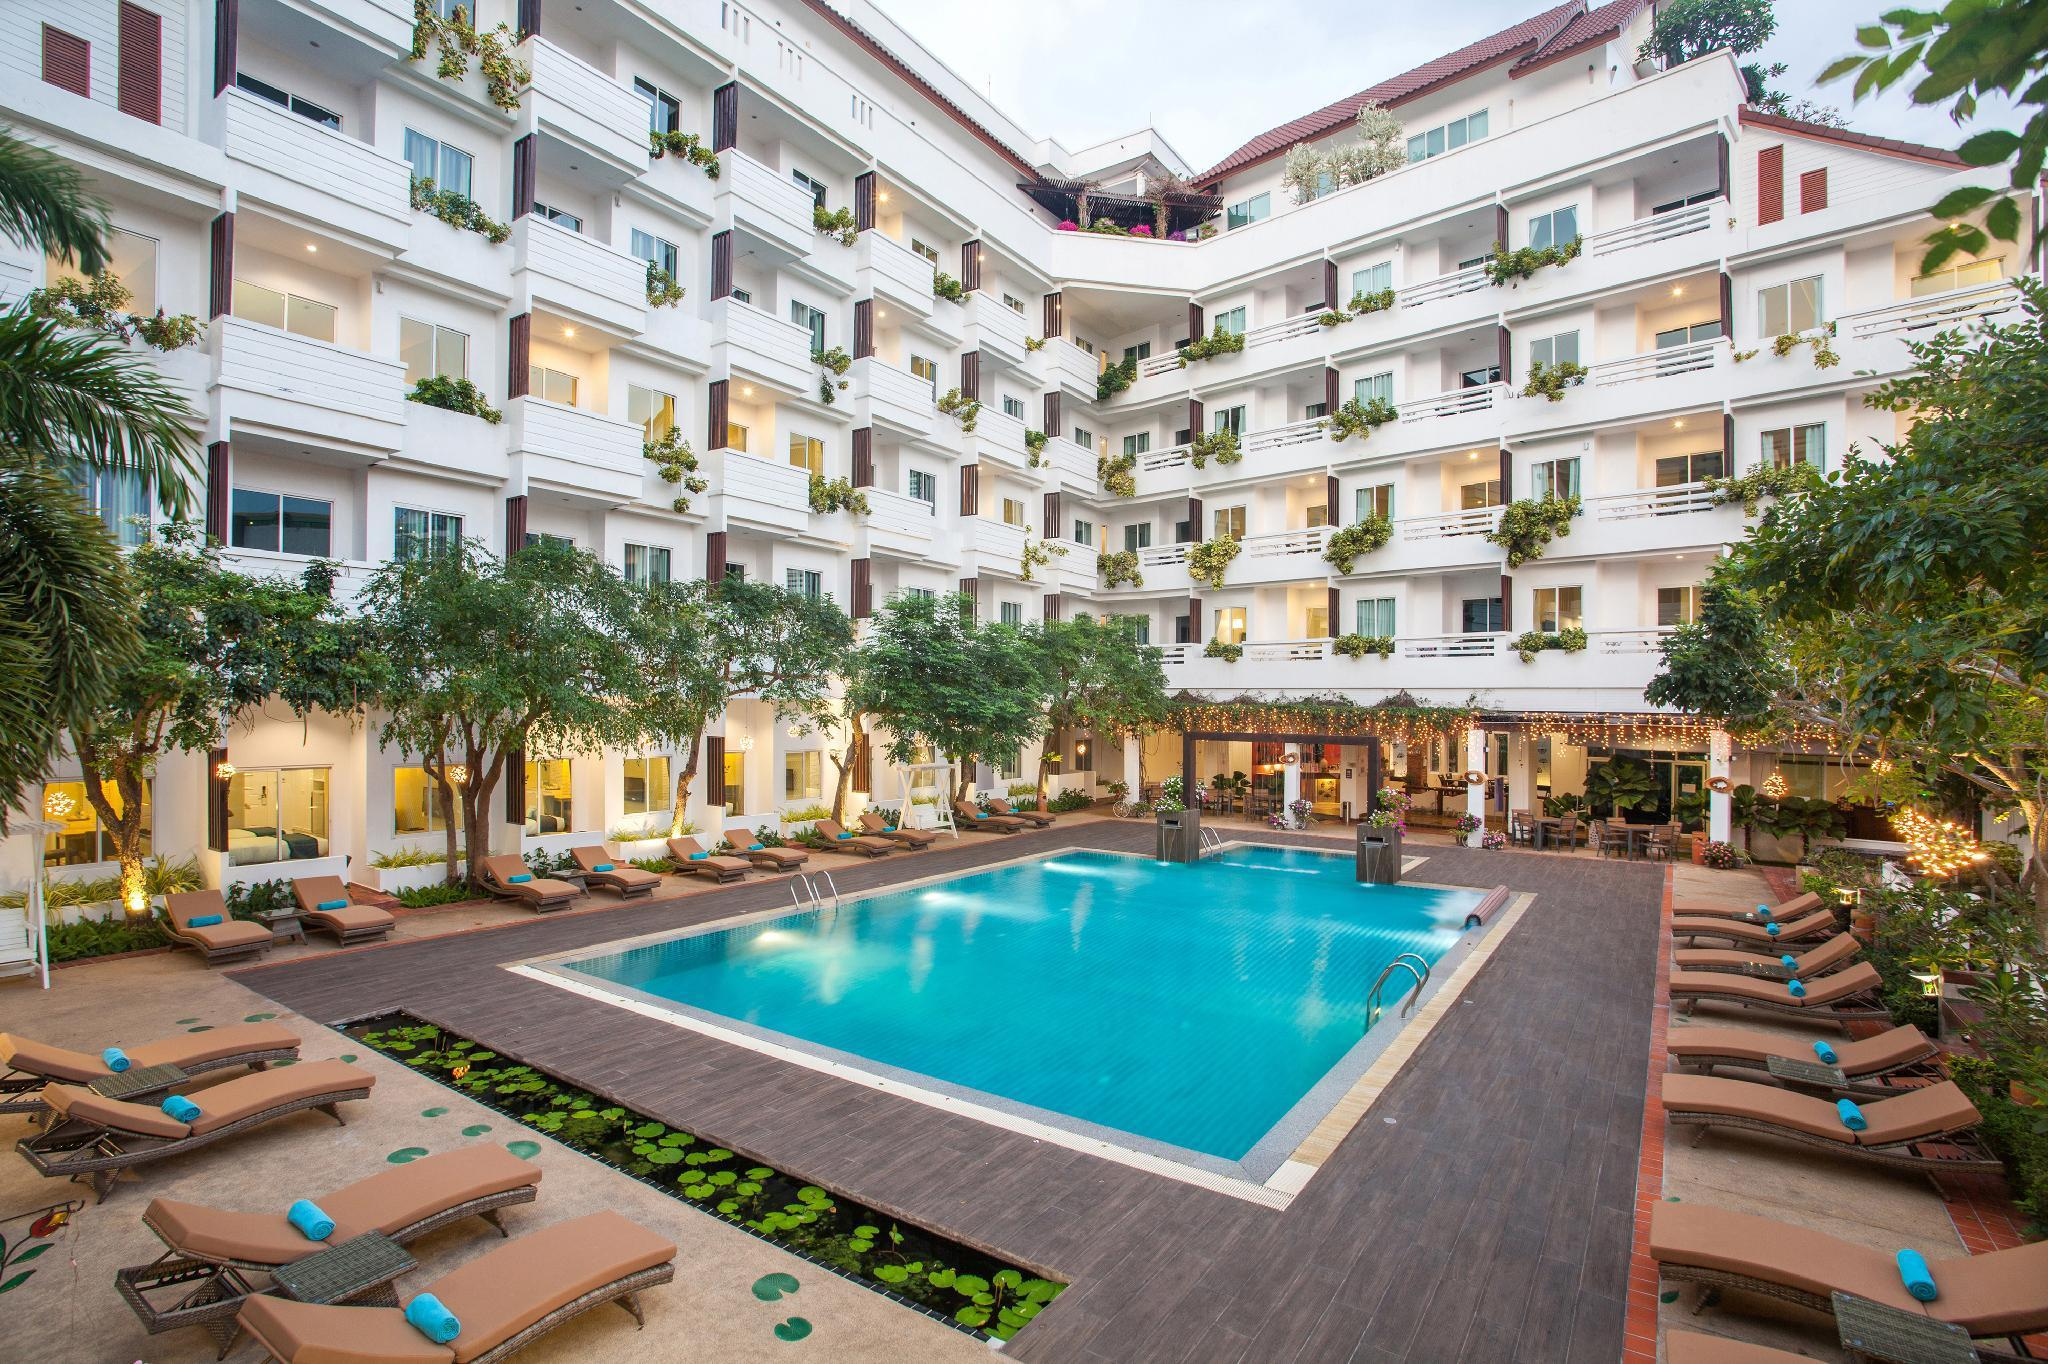 Hill Fresco Hotel โรงแรมฮิลล์ เฟรสโก้